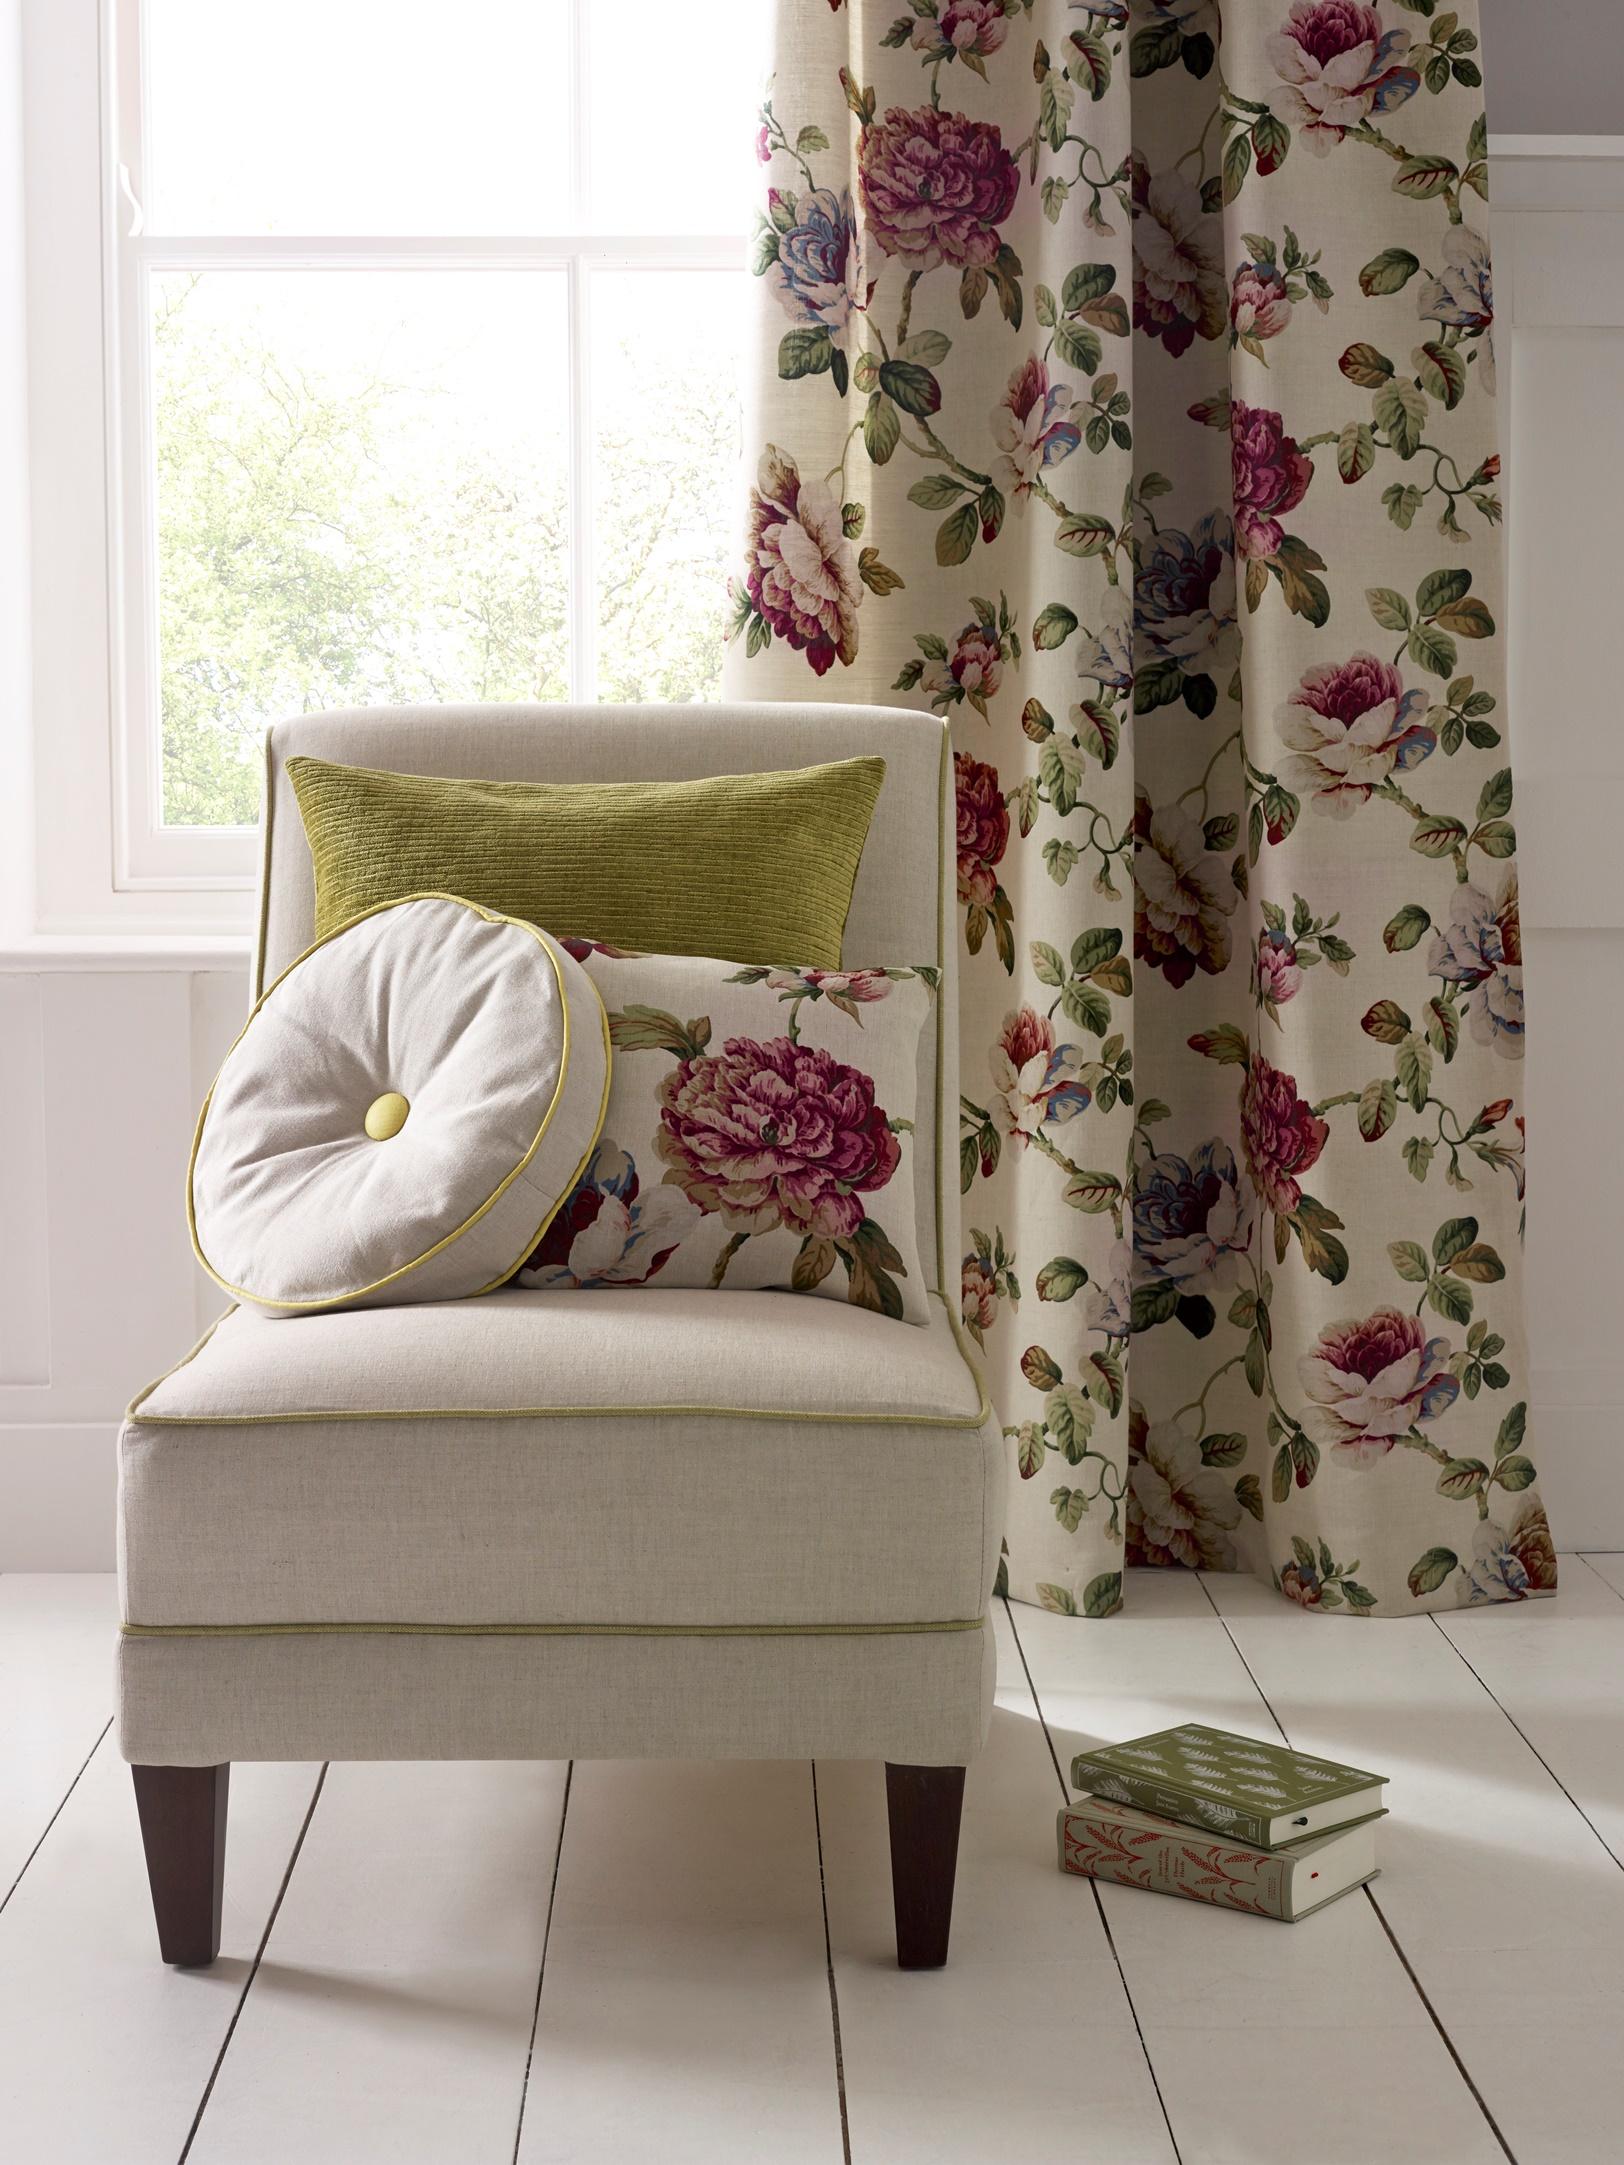 die wohnwerkstatt kupferzell klassische englisch leinen m belstoffe dekostoffe. Black Bedroom Furniture Sets. Home Design Ideas